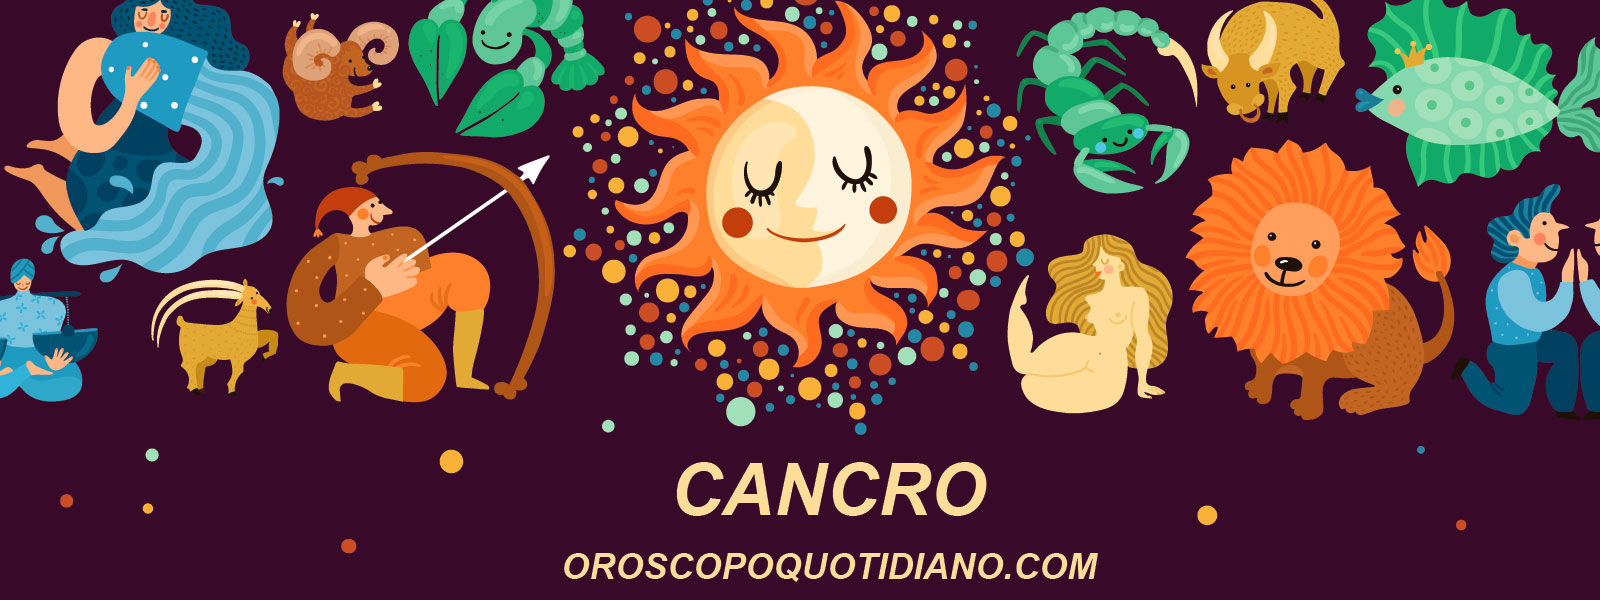 https://oroscopoquotidiano.com/wp-content/uploads/2020/02/Cancro-per-Oroscopo-Quotidiano.jpg